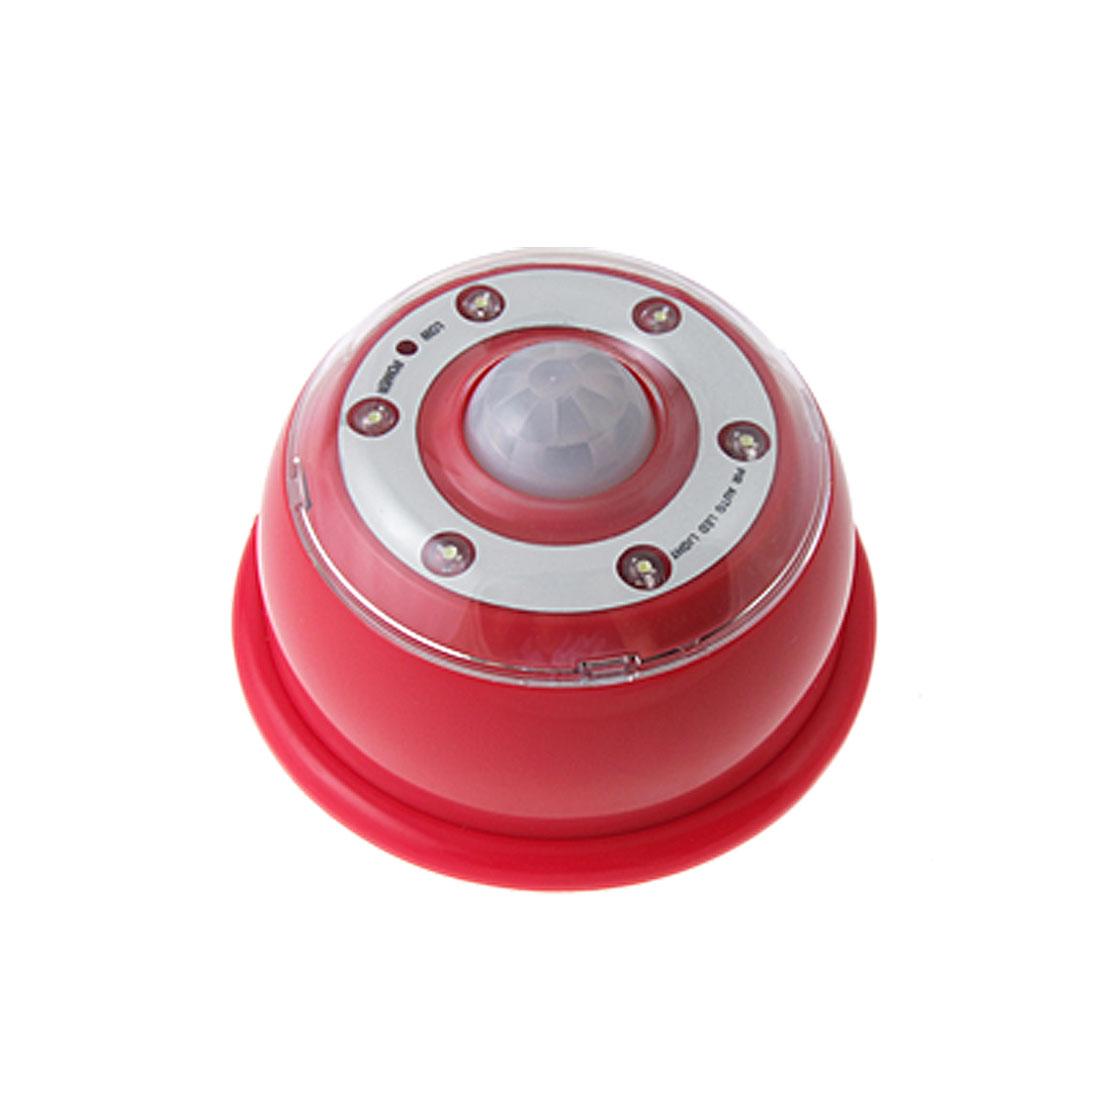 Red Motion Detector Energy Saving 6 White LED Auto Sensor Light Lamp